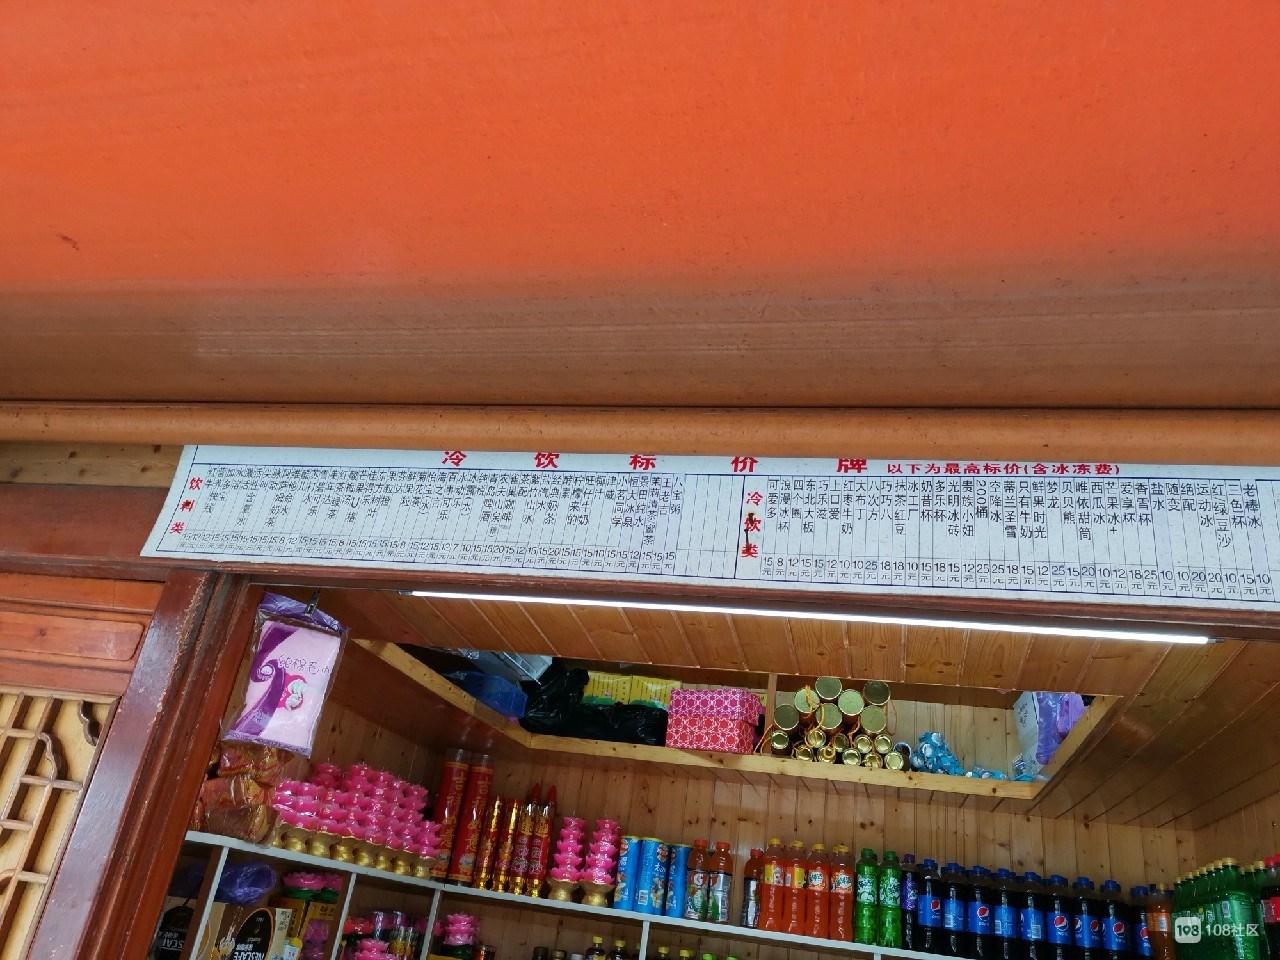 南海观音旁边矿泉水15块一瓶  去西藏都没这么高价格!